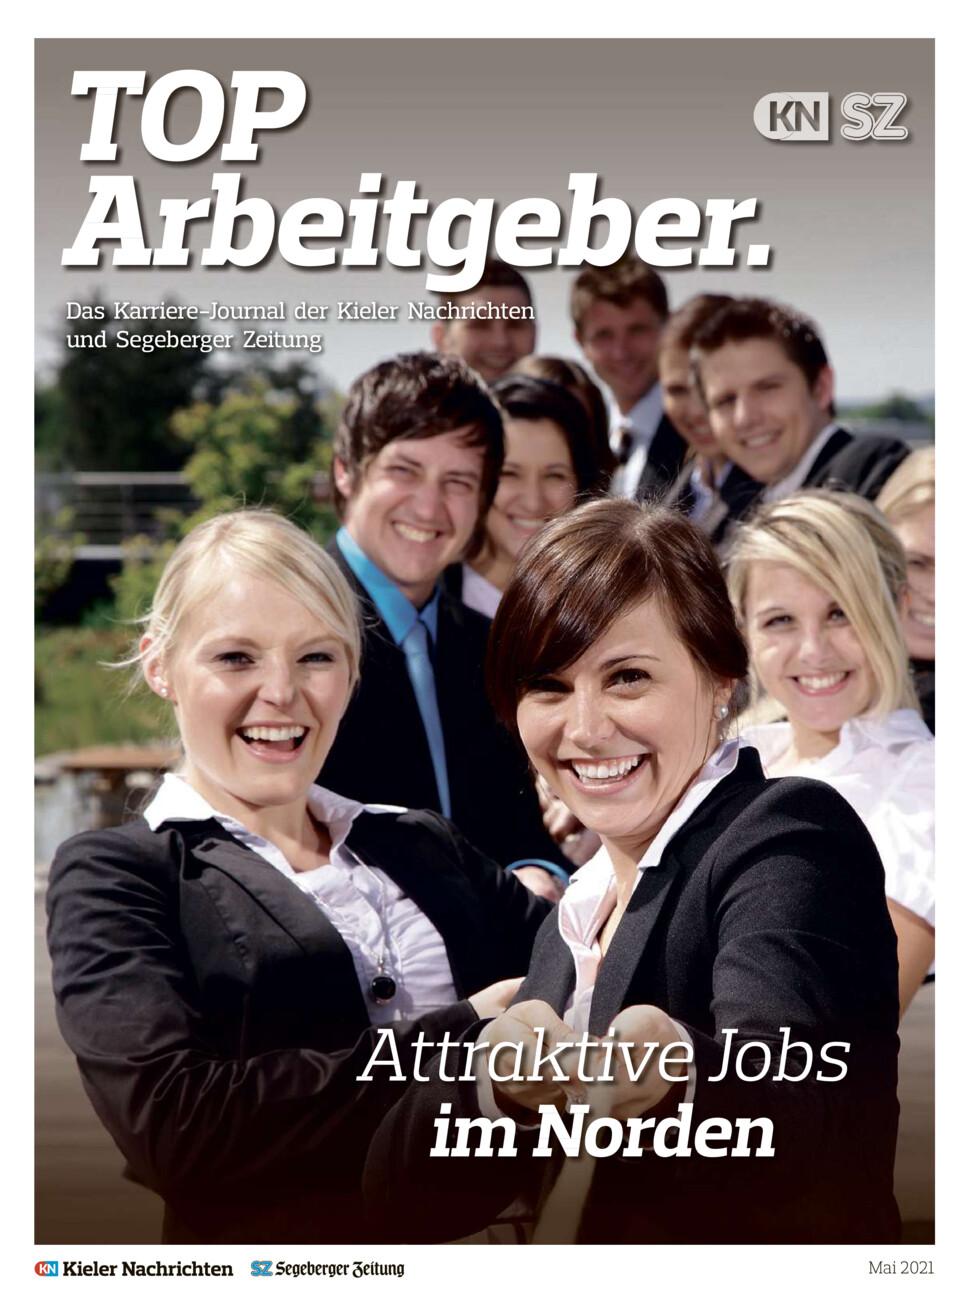 Top Arbeitgeber